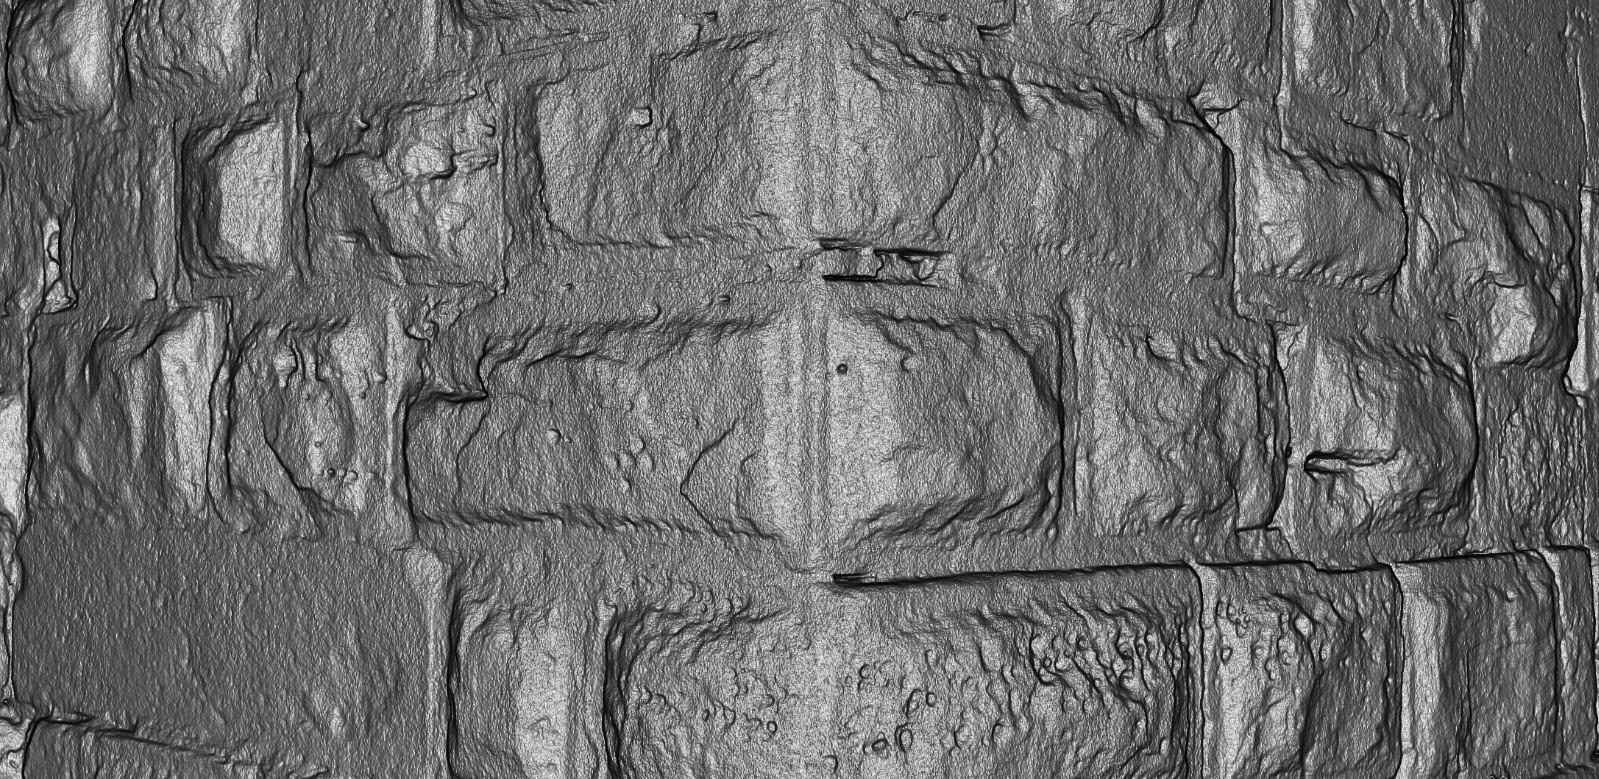 Scannerdaten, Detailaufnahme Mauereck